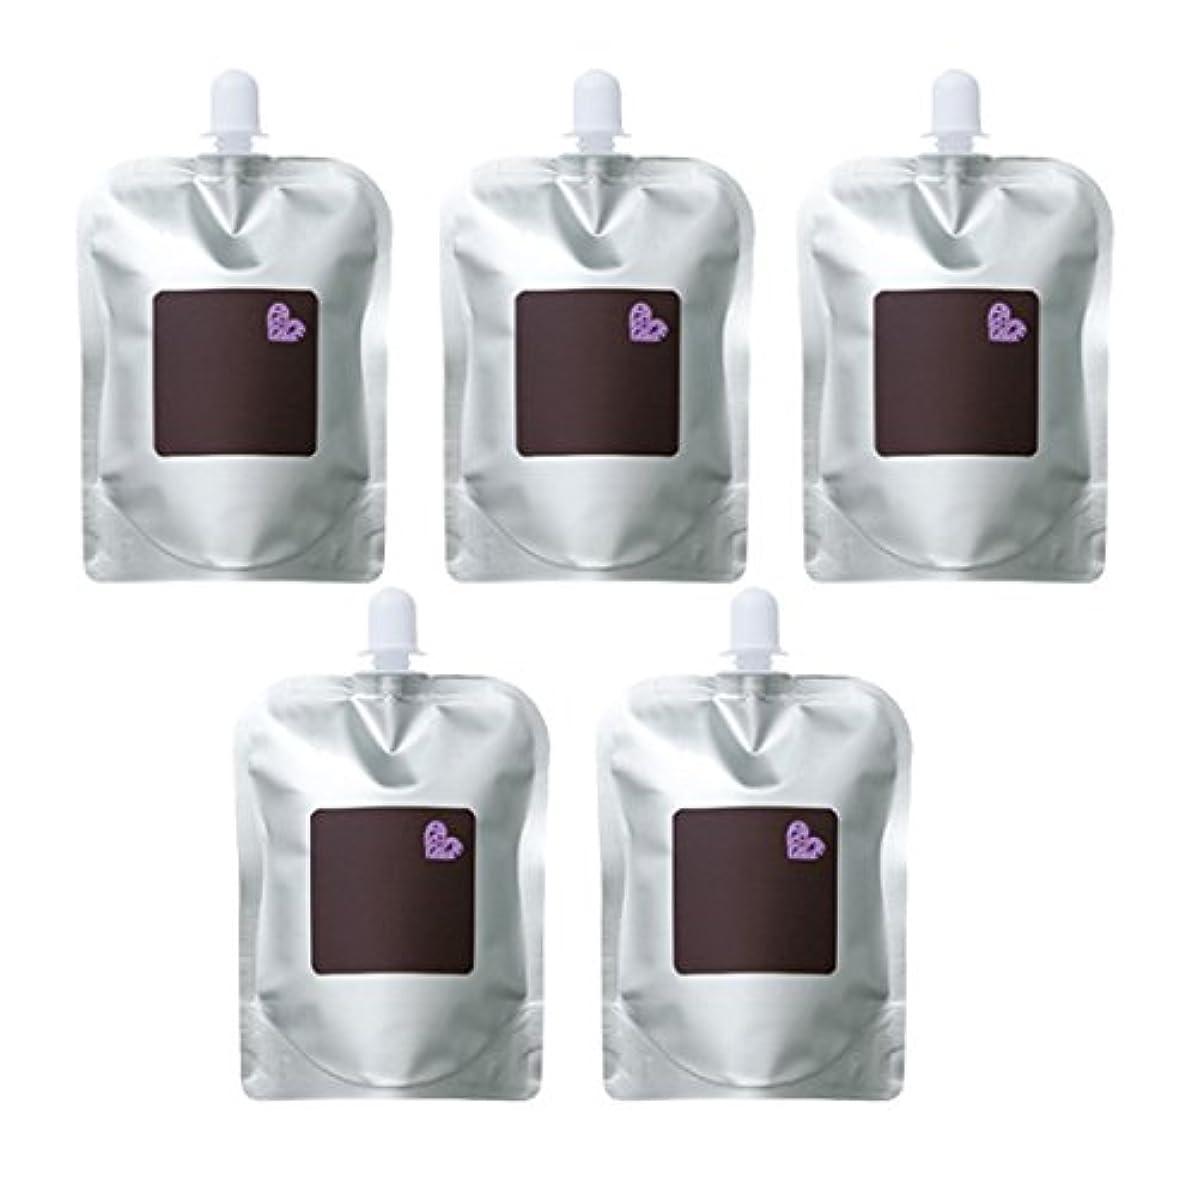 によって多様性学期【X5個セット】 アリミノ ピース バウンシーカール ホイップ 400g 詰替え用